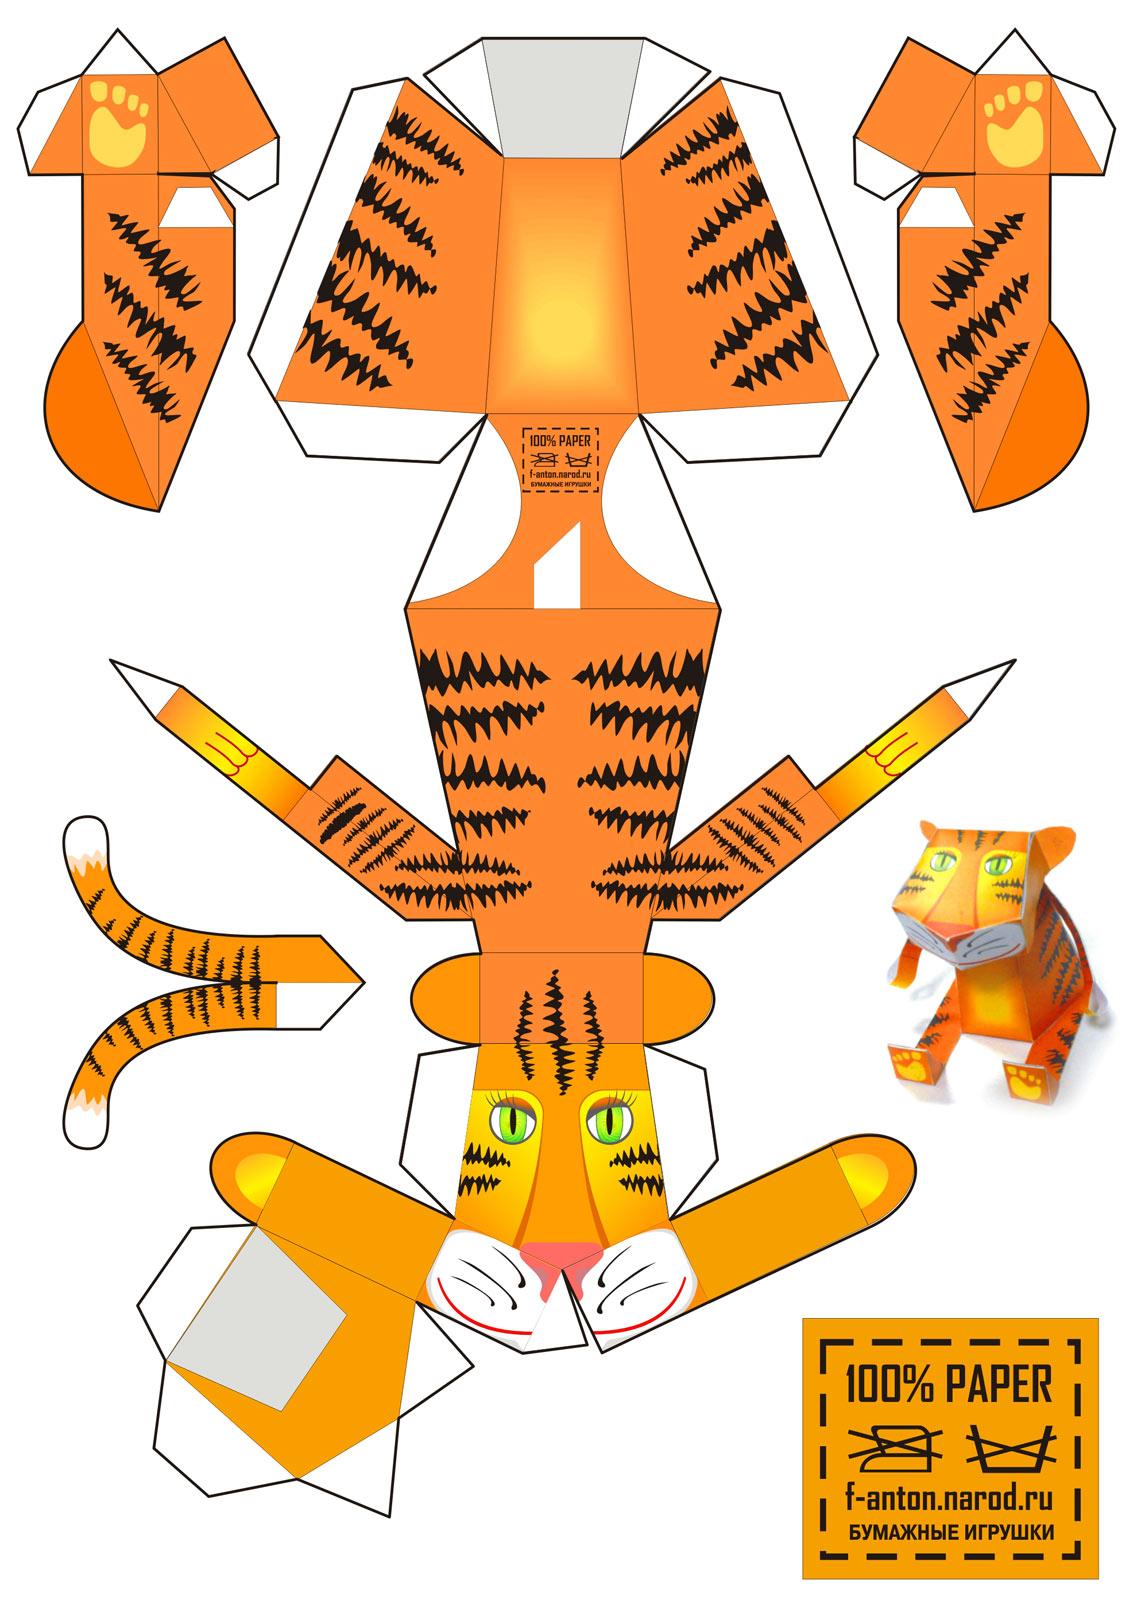 Как сделать тигра из бумаги своими руками оригами поэтапно